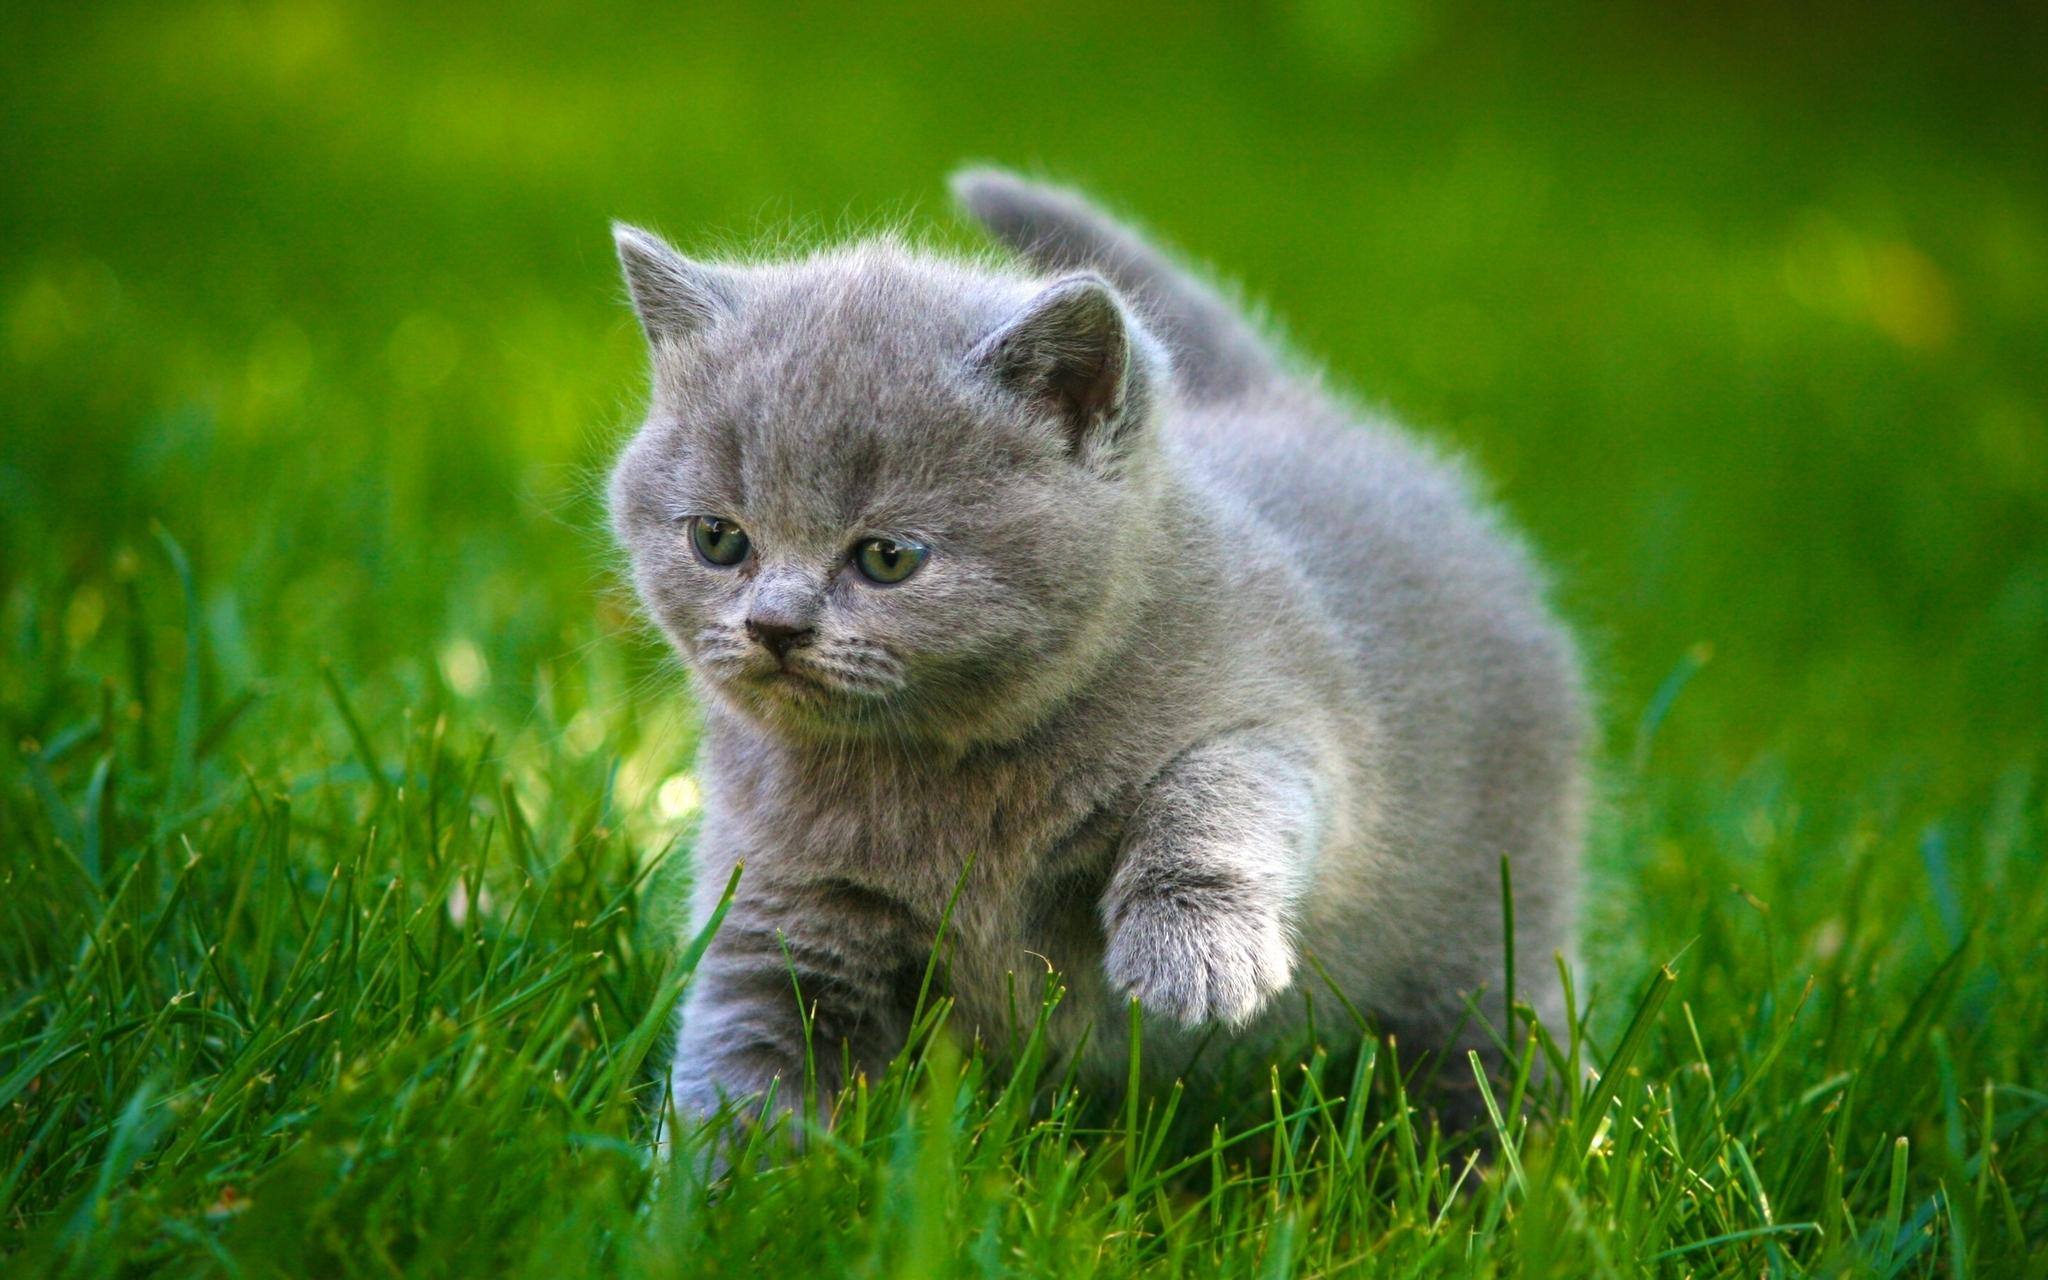 Wallpaper 2048x1280 Px Animals Baby Cat Cats Cute Fat Fluffy Grass Grey Kitten Kittens 2048x1280 4kwallpaper 1913313 Hd Wallpapers Wallhere